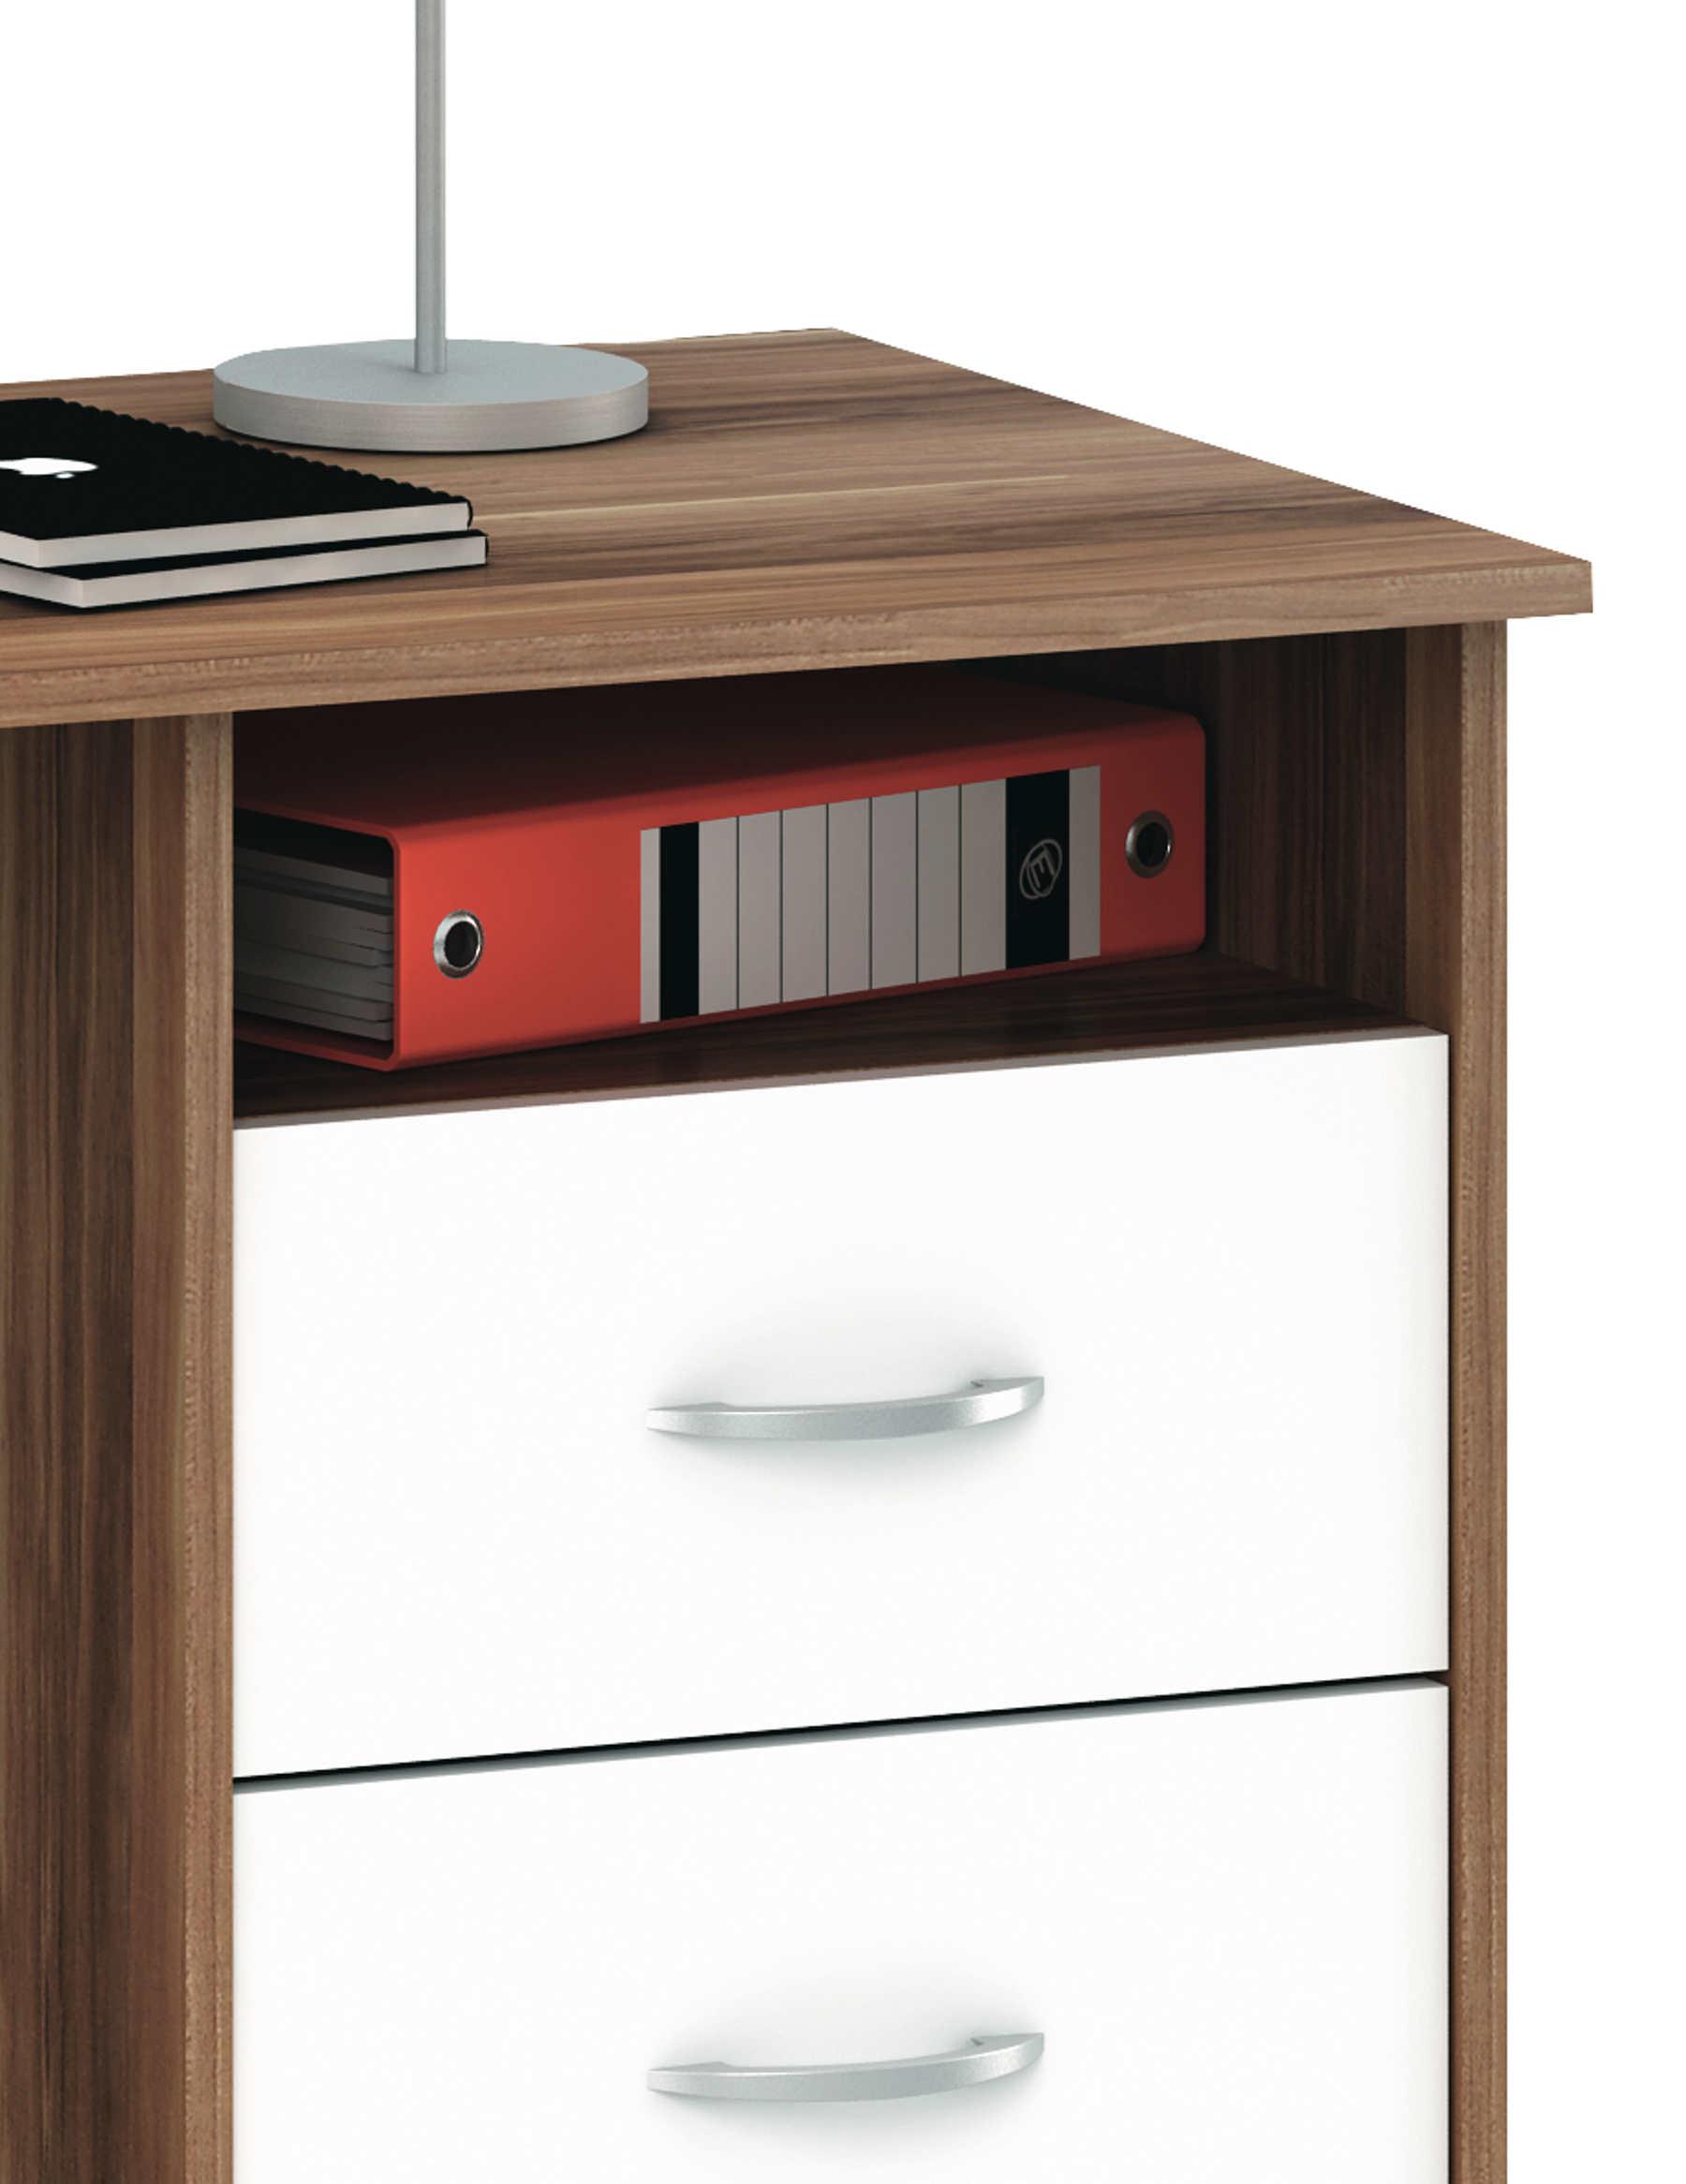 schreibtisch aristote merano nussbaum wei mit drei schubk sten ebay. Black Bedroom Furniture Sets. Home Design Ideas